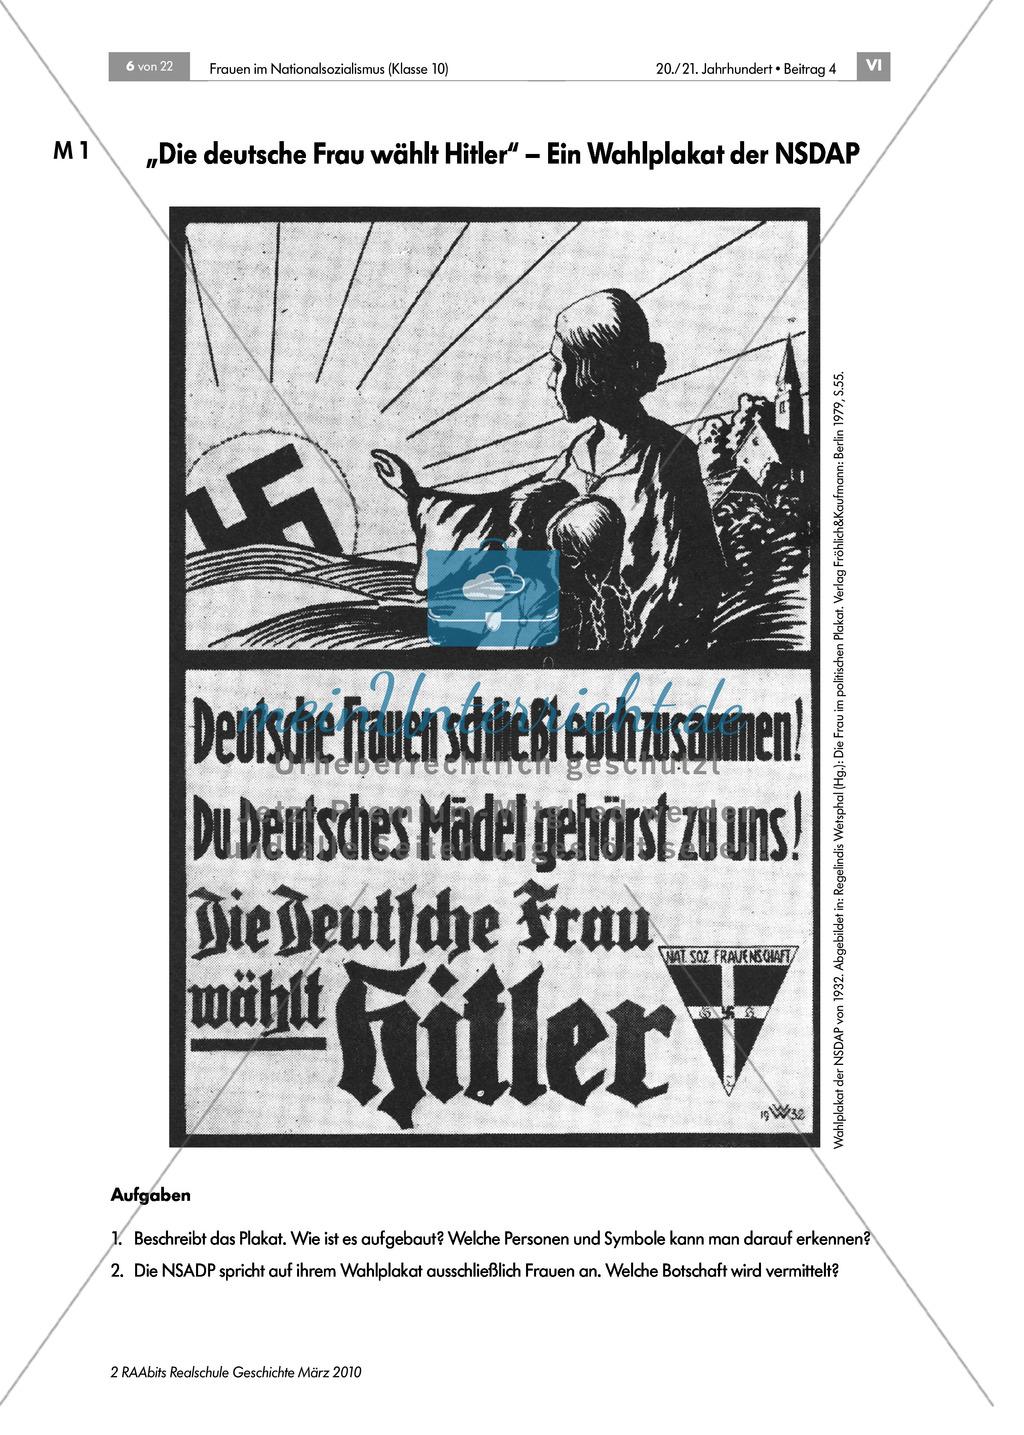 Frauen im Nationalsozialismus: Propaganda Preview 0